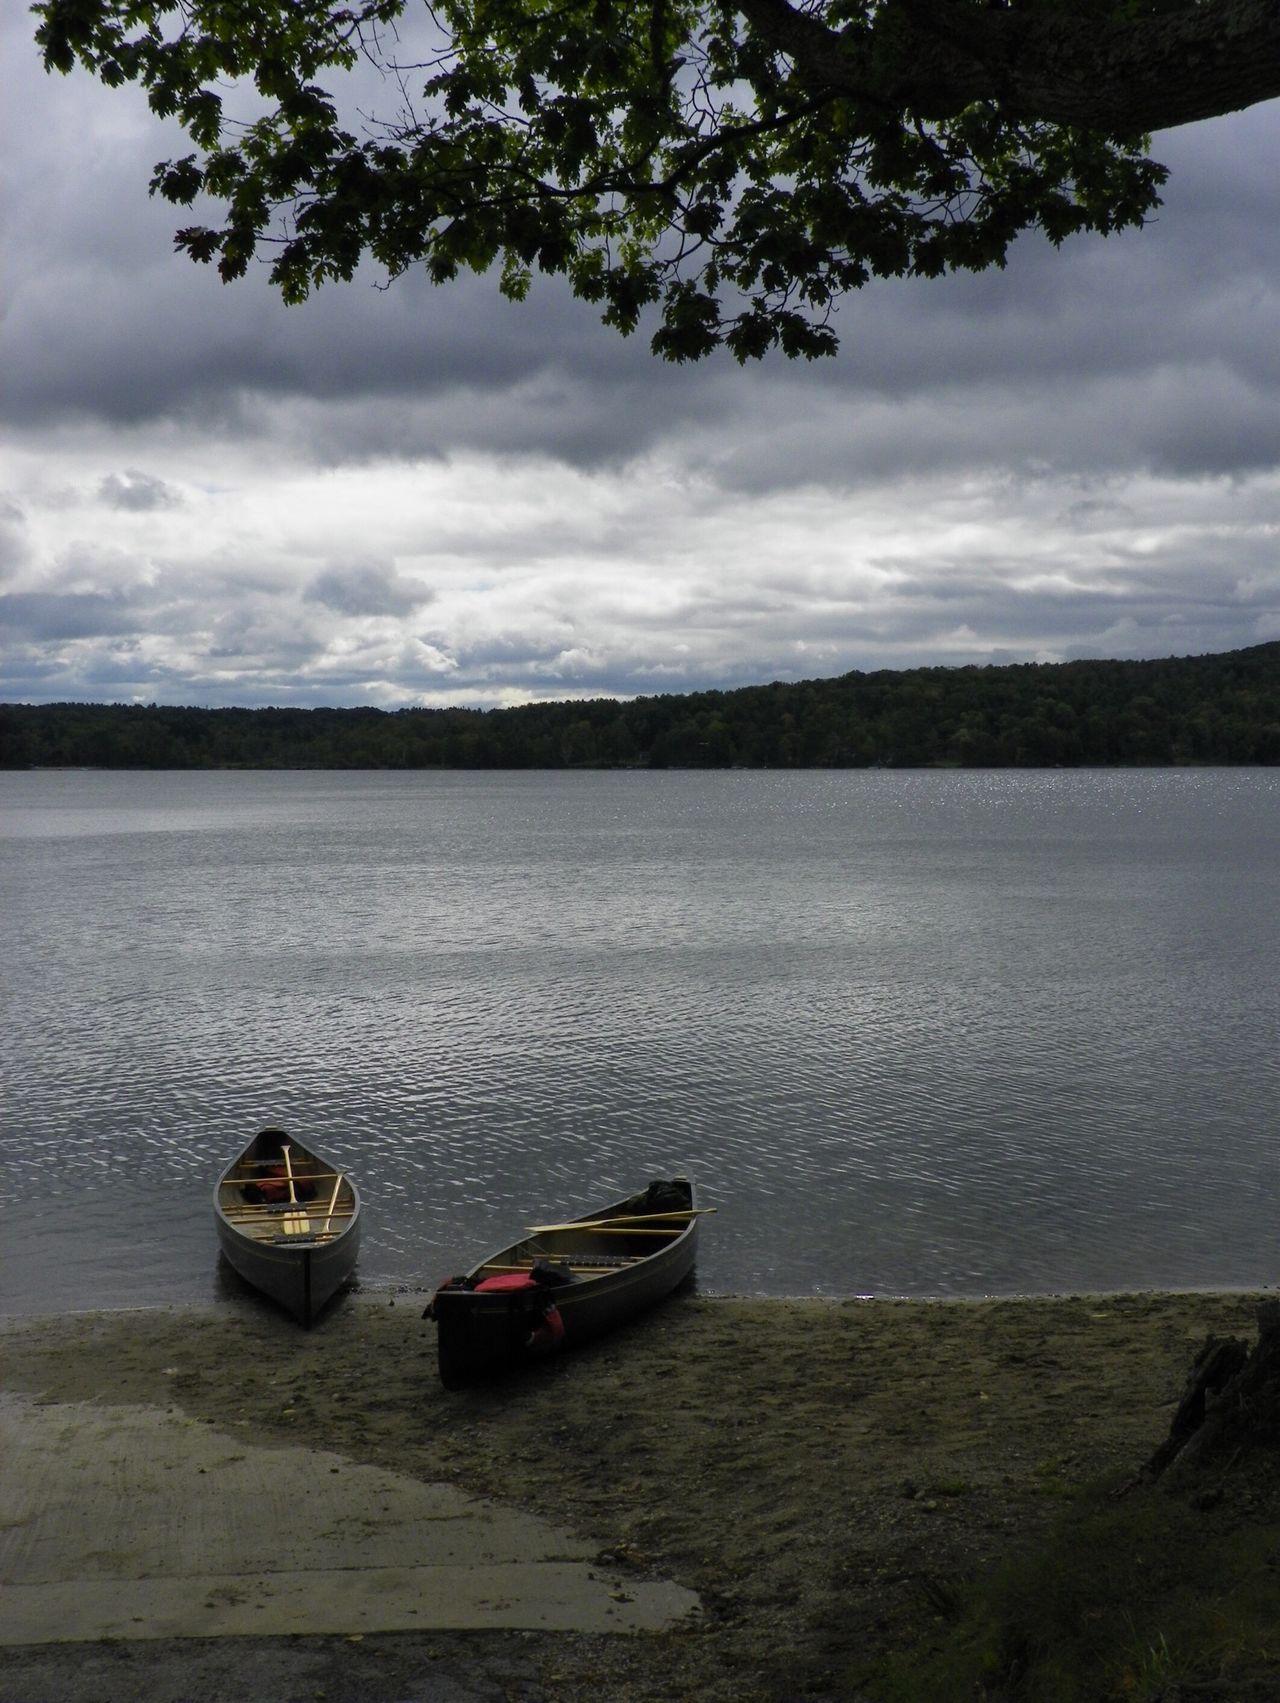 Stockbridge Bowl Serenity Water Canoes Berkshires Lake Deserted